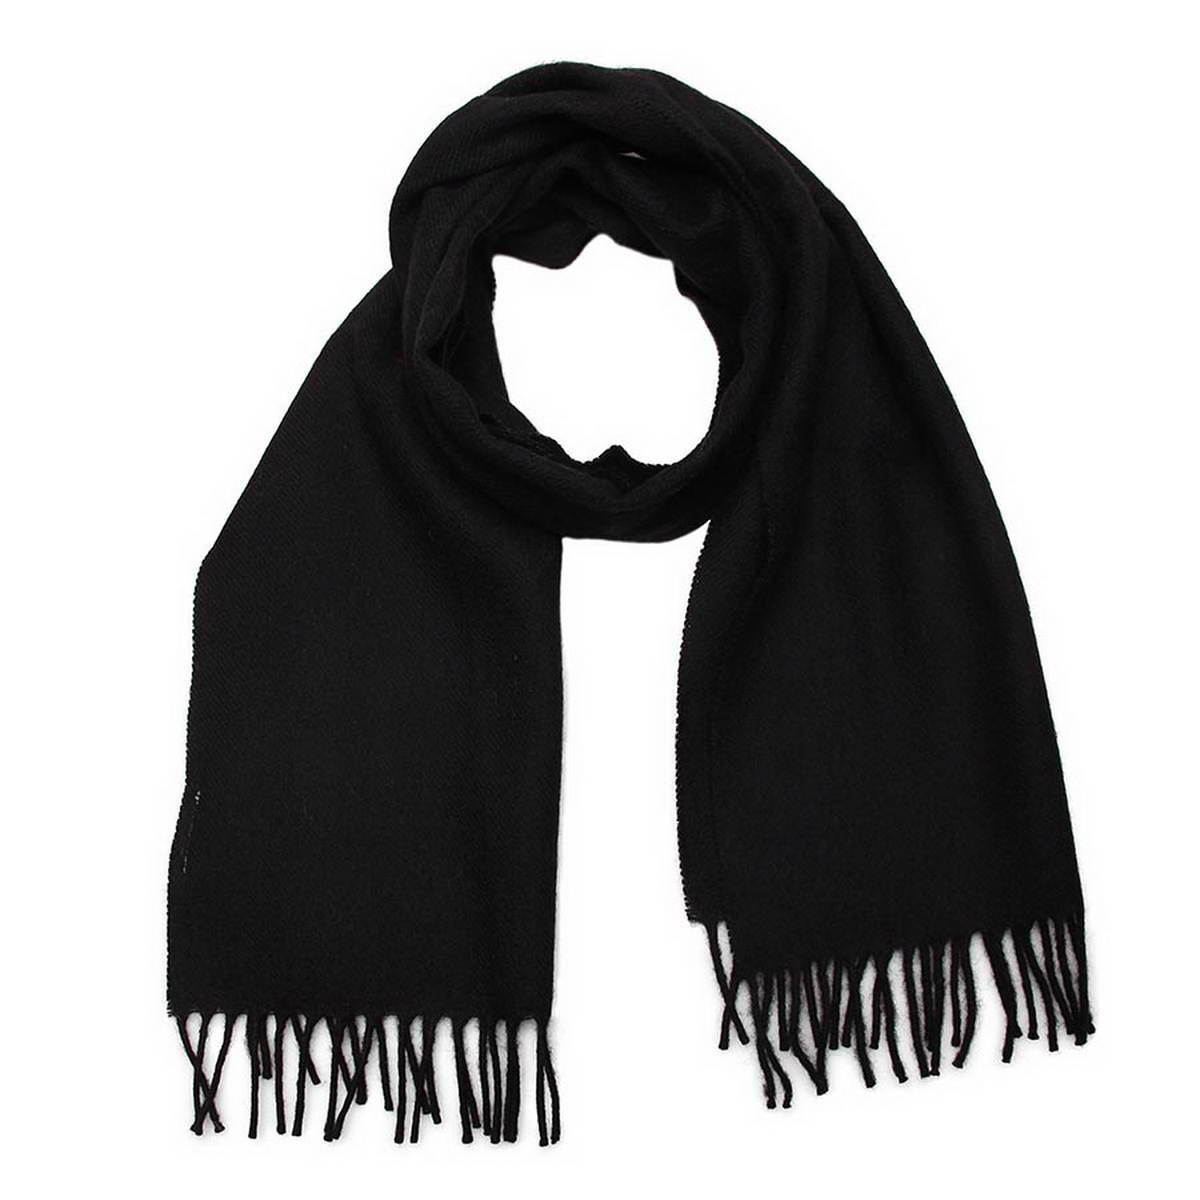 Шарф мужской. 5002232-25002232-2Мужской однотонный шарф из натуральной шерсти, мягкий, отлично вписывается в гардероб современного мужчины, шарф такого дизайна прекрасно подойдет под любую одежды и конечно же надежно защитит от холода. Данная модель порадует Вас удобными размерами, качеством и приятной текстурой.